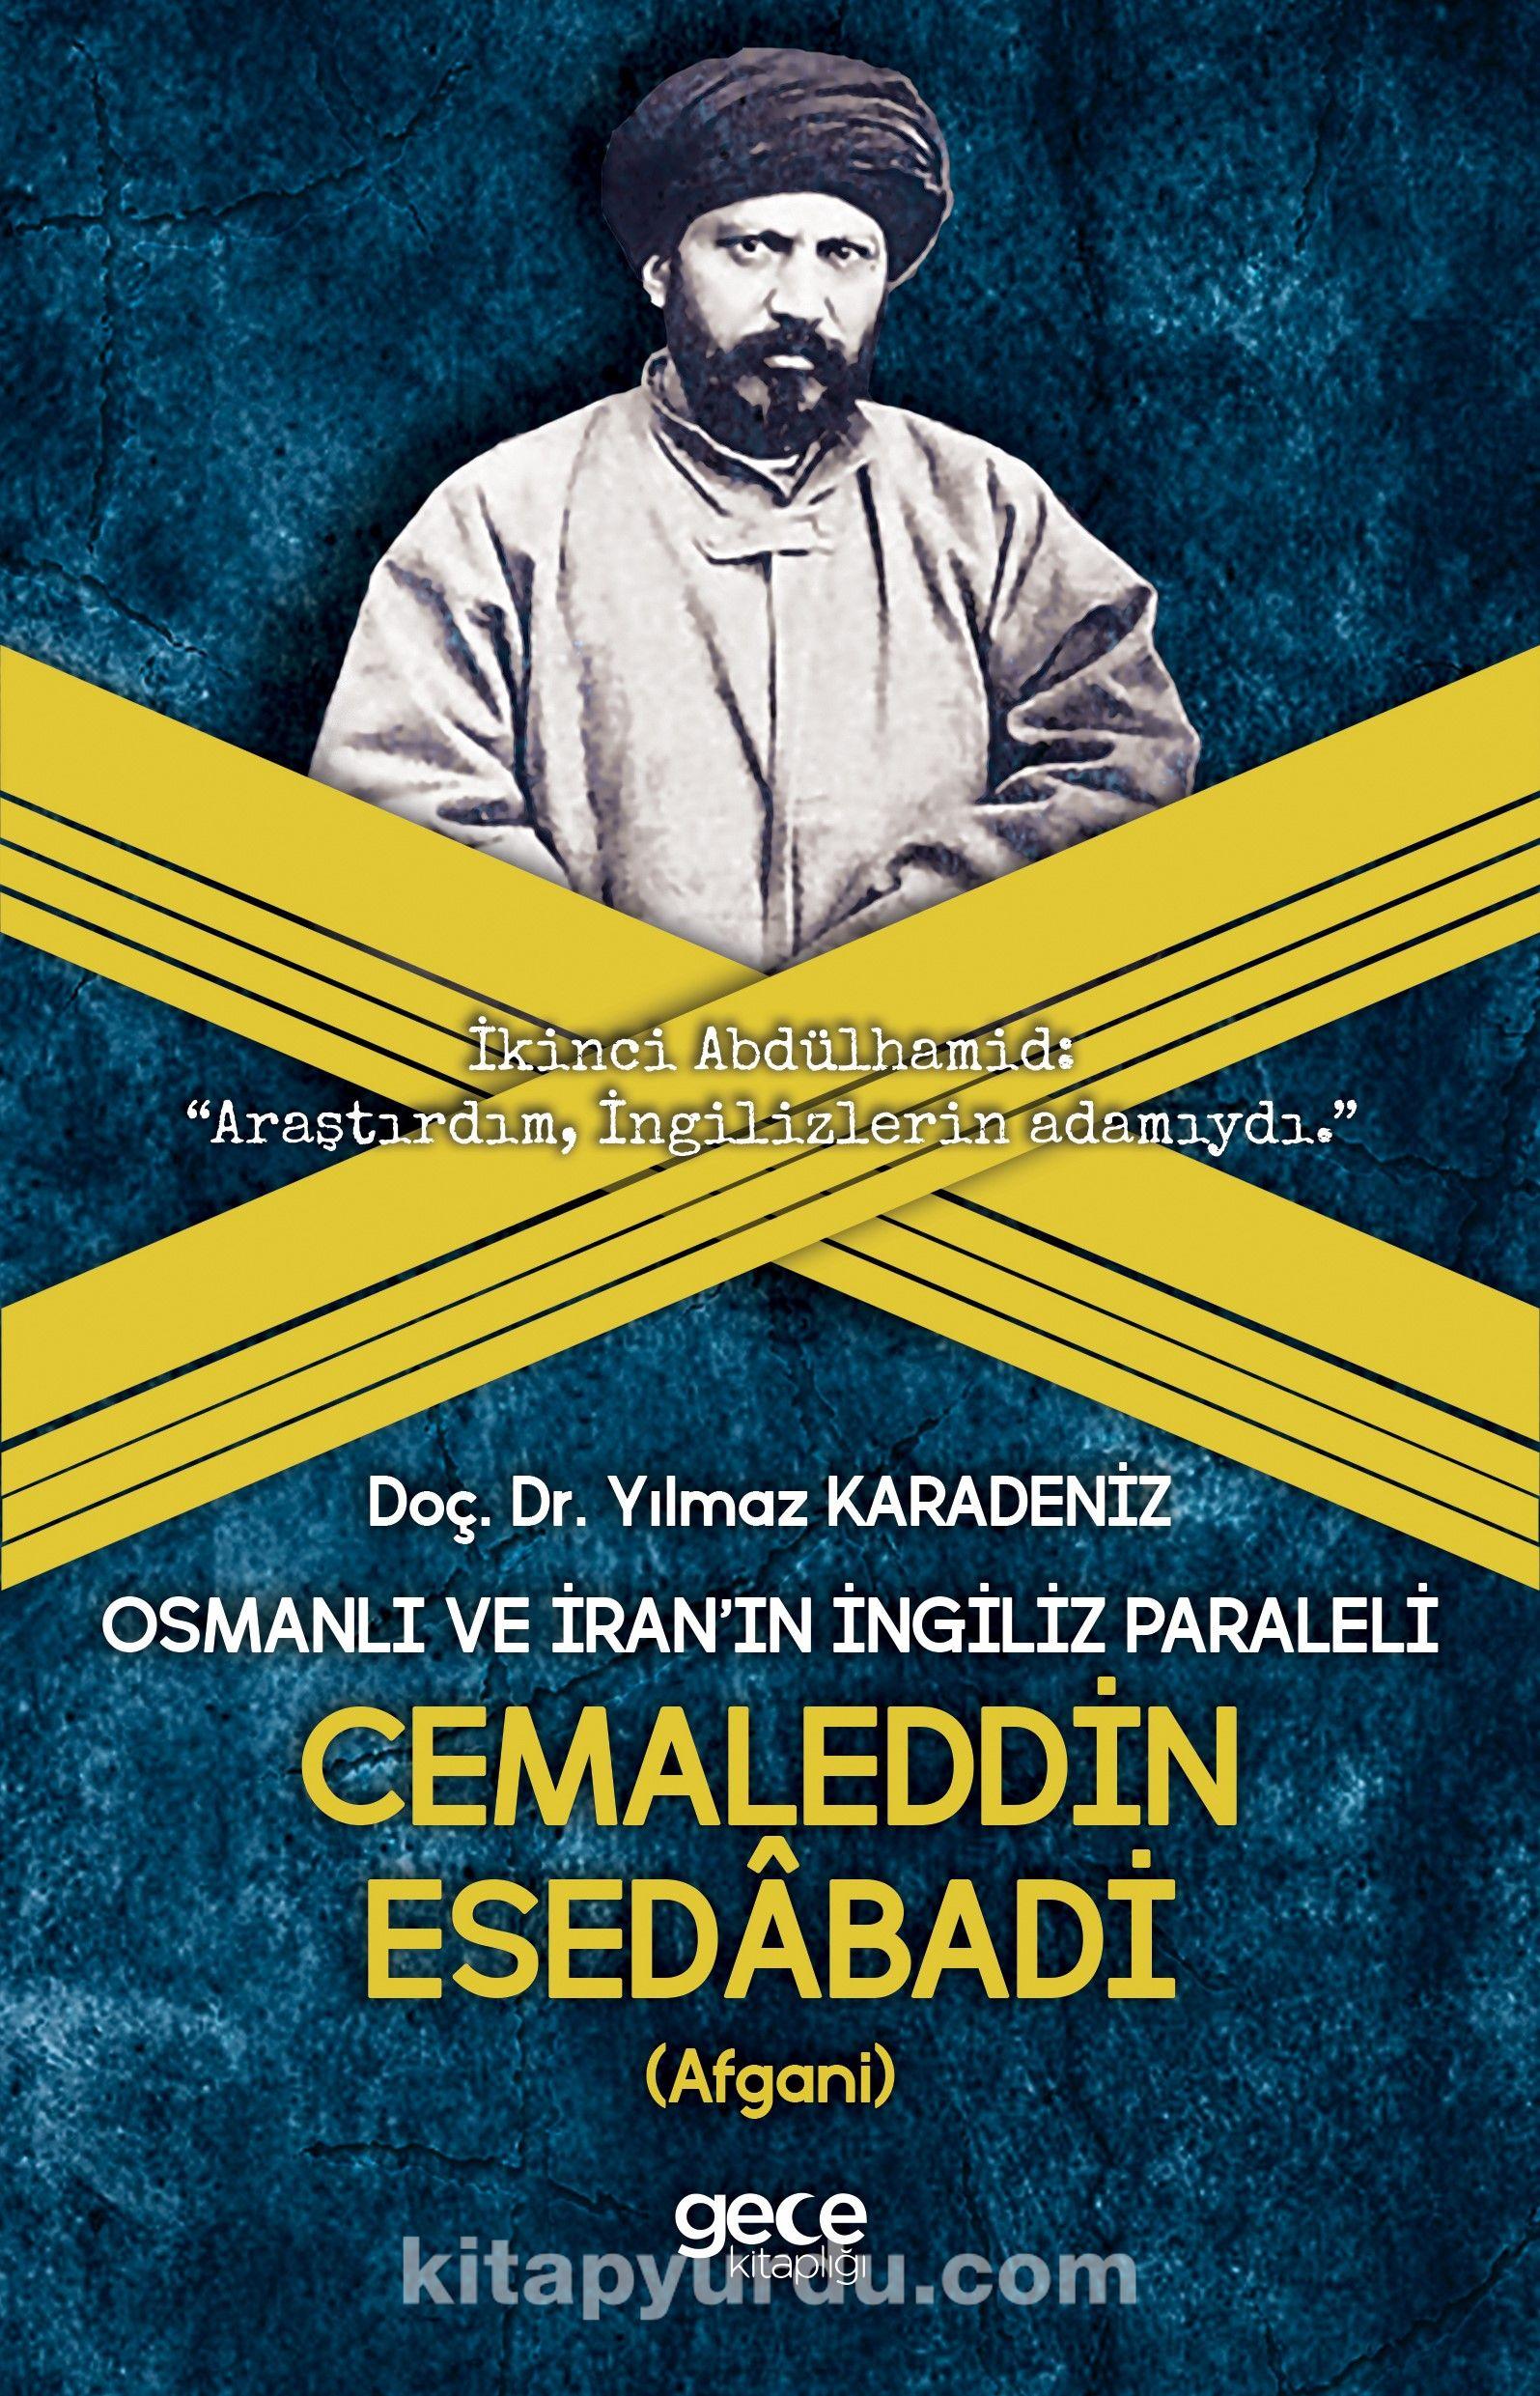 Osmanlı ve İran'ın İngiliz Paraleli Cemalettin Esedabadi (Afgani)